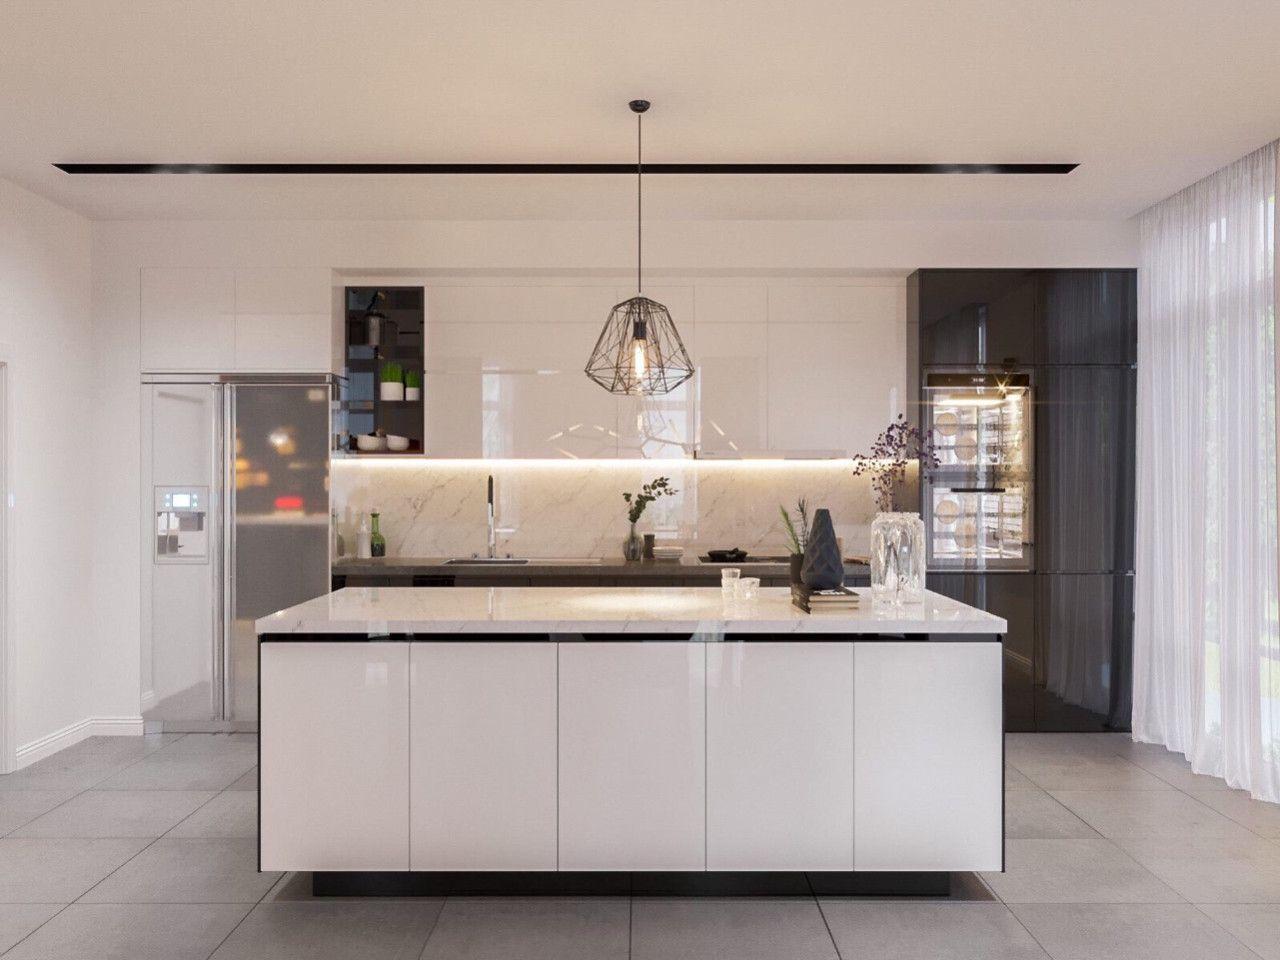 Thiết kế nội thất phong cách hiện đại - phòng bếp 001